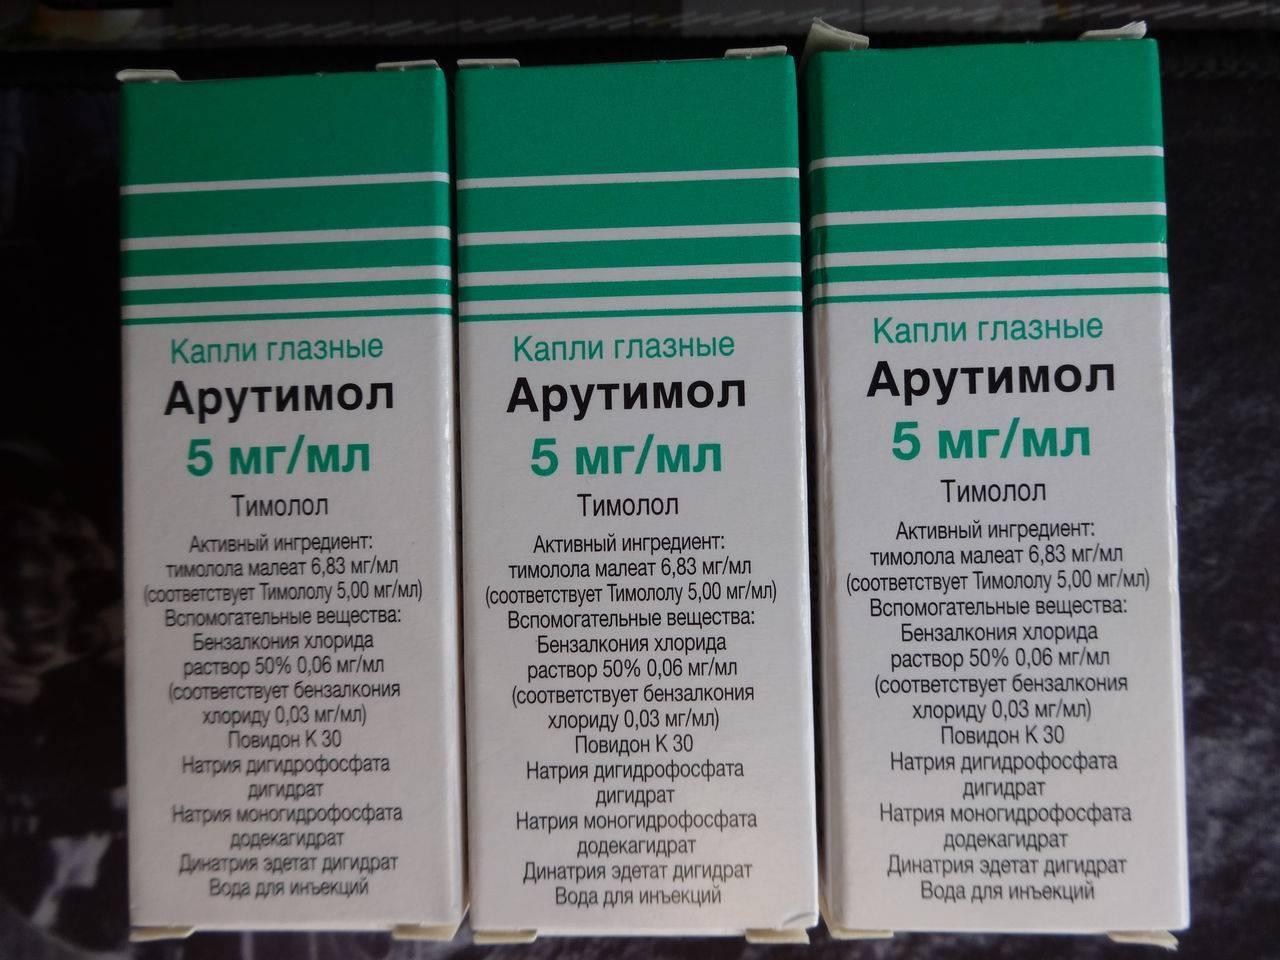 Арутимол: инструкция по применению глазных капель, от чего помогают